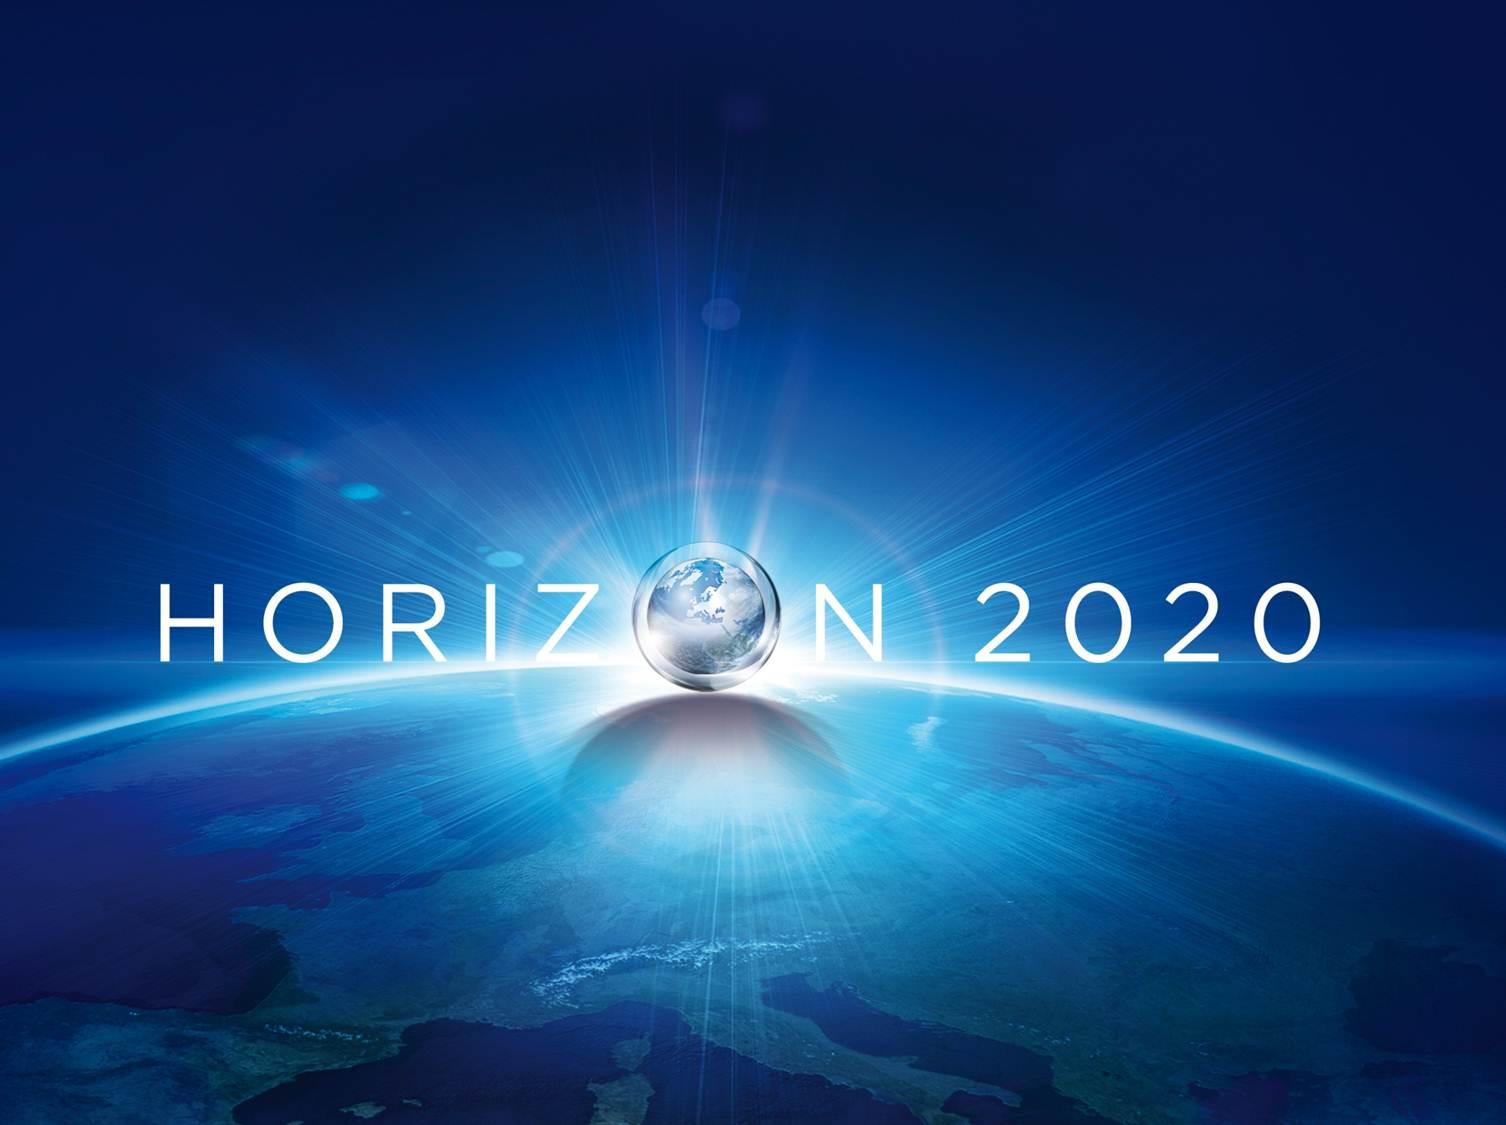 Logo Horizon2020 fondo azul